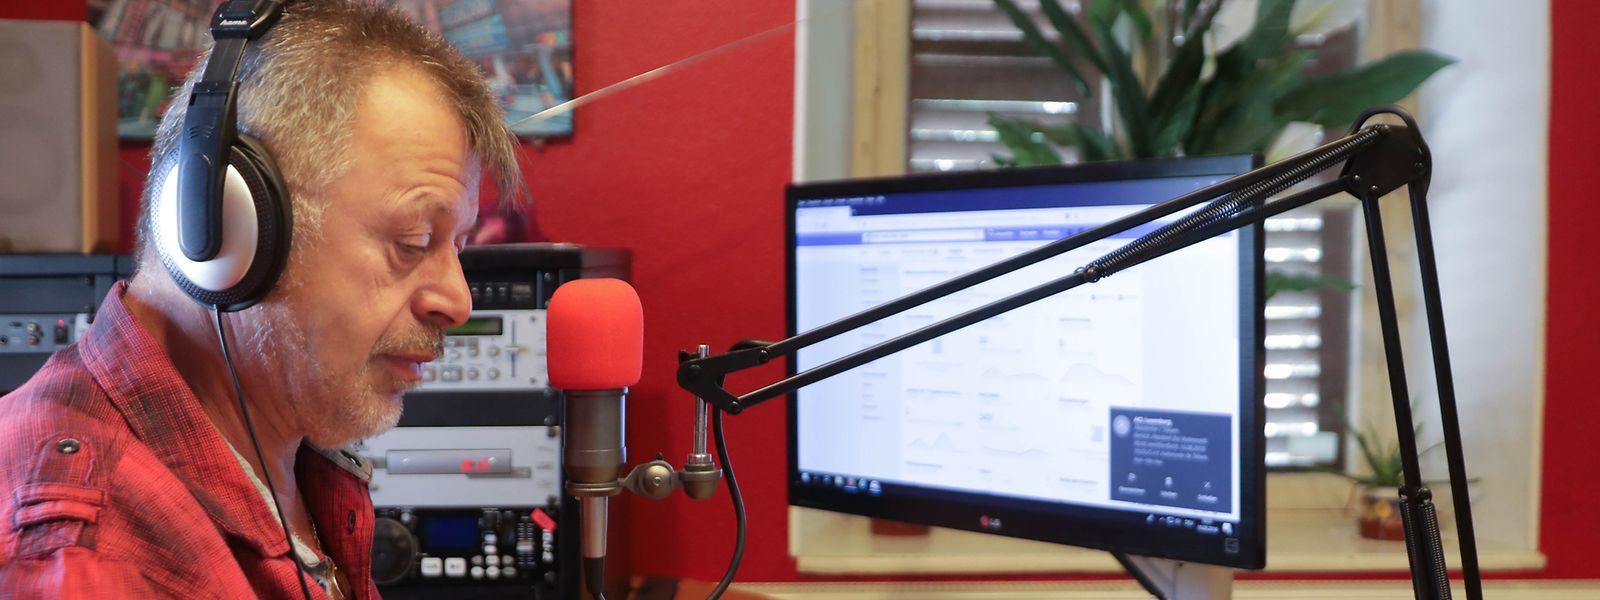 Einst sendete RBV als Piratensender Radio Süd. Heutzutage versorgt das Team auf 107 FM seine Hörer mit guter Laune.